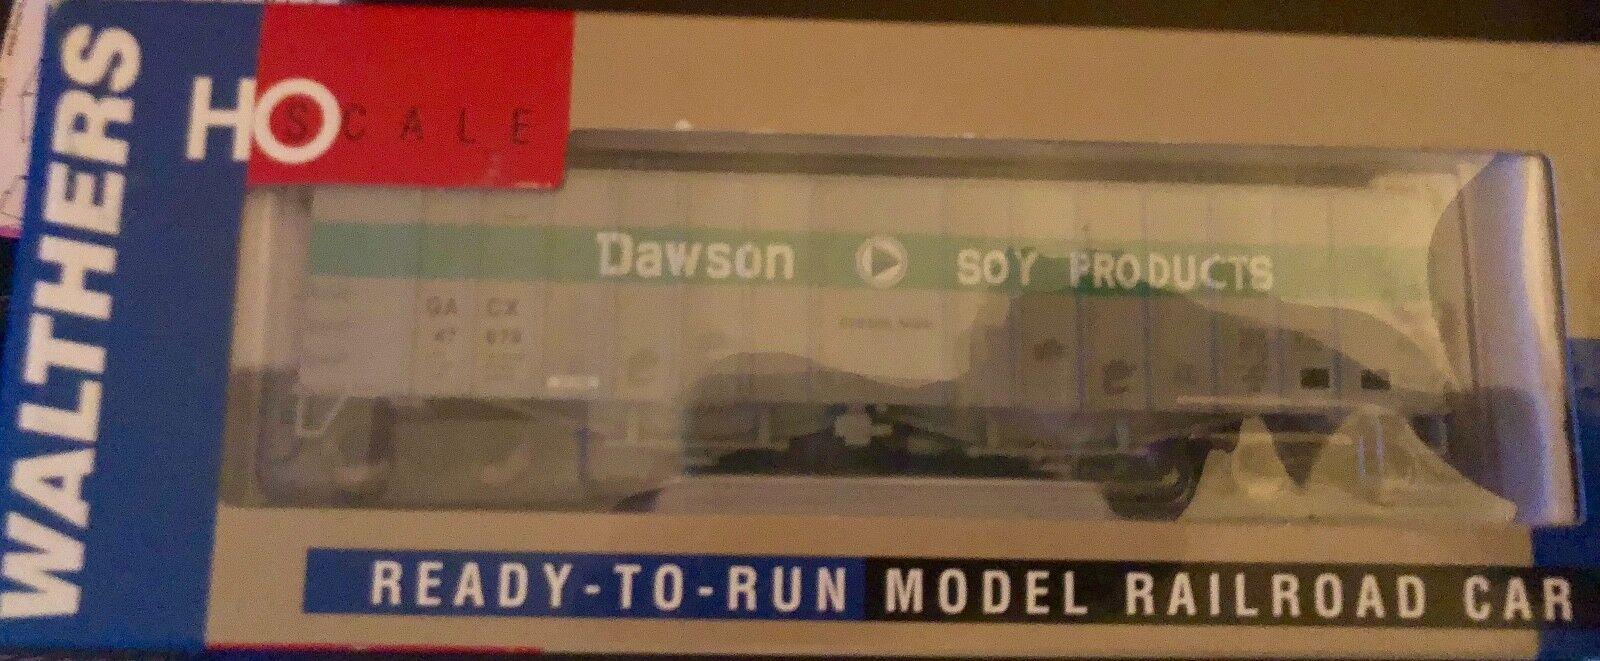 servicio considerado Los productos de soja Dawson gacx 47879 airslide Hoper Hoper Hoper Walthers Ho  estilo clásico